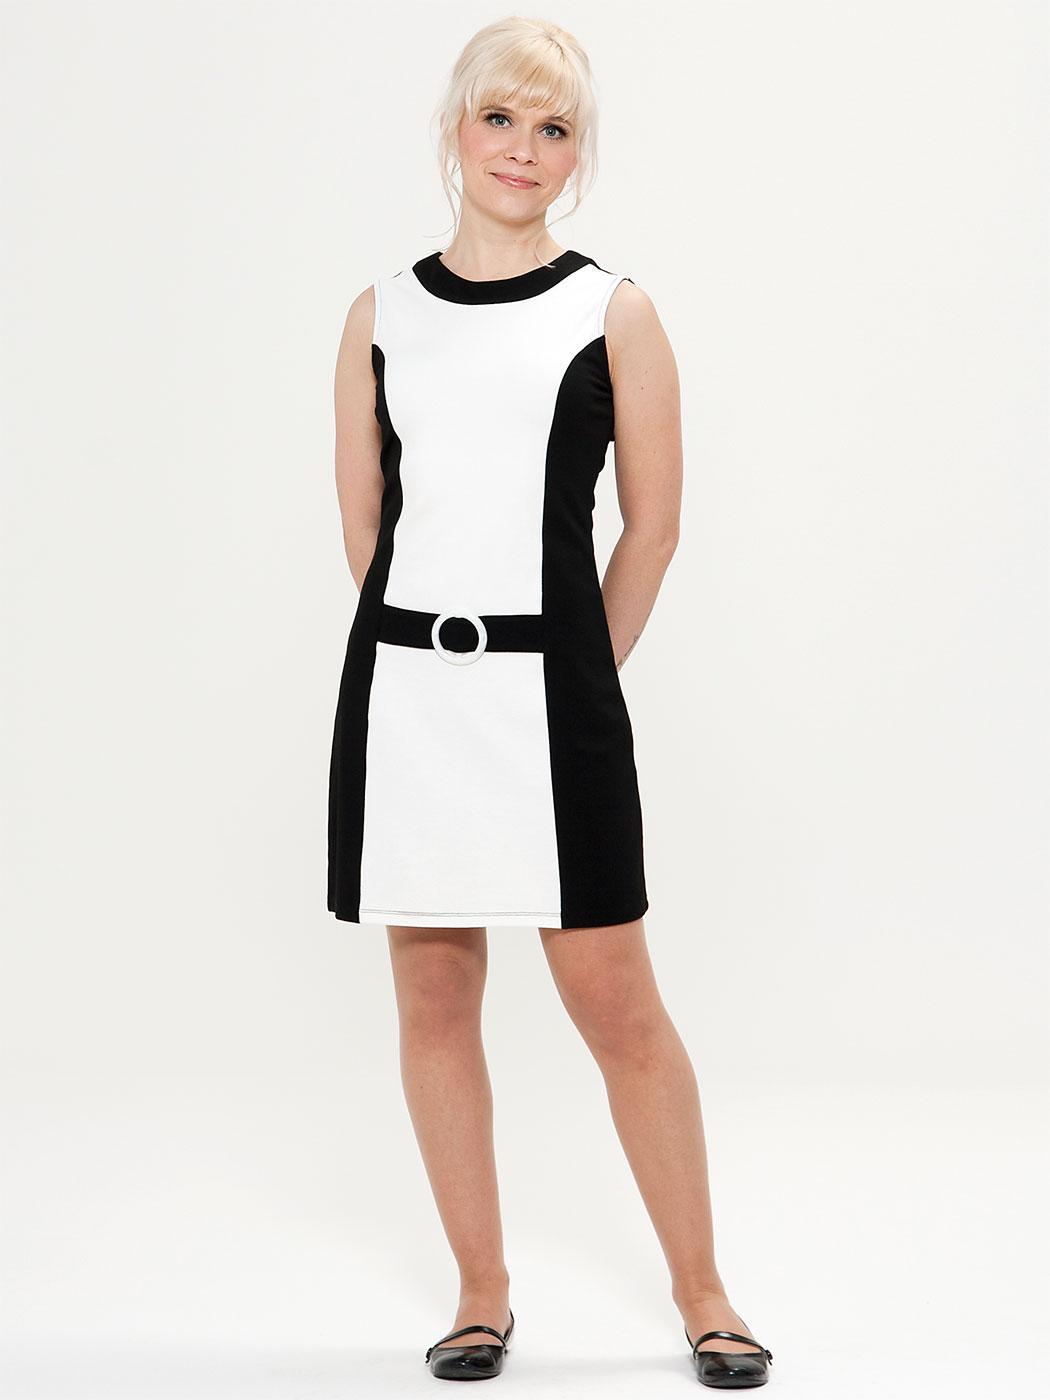 Cherry MADEMOISELLE YEYE 60s Mod Faux Belt Dress